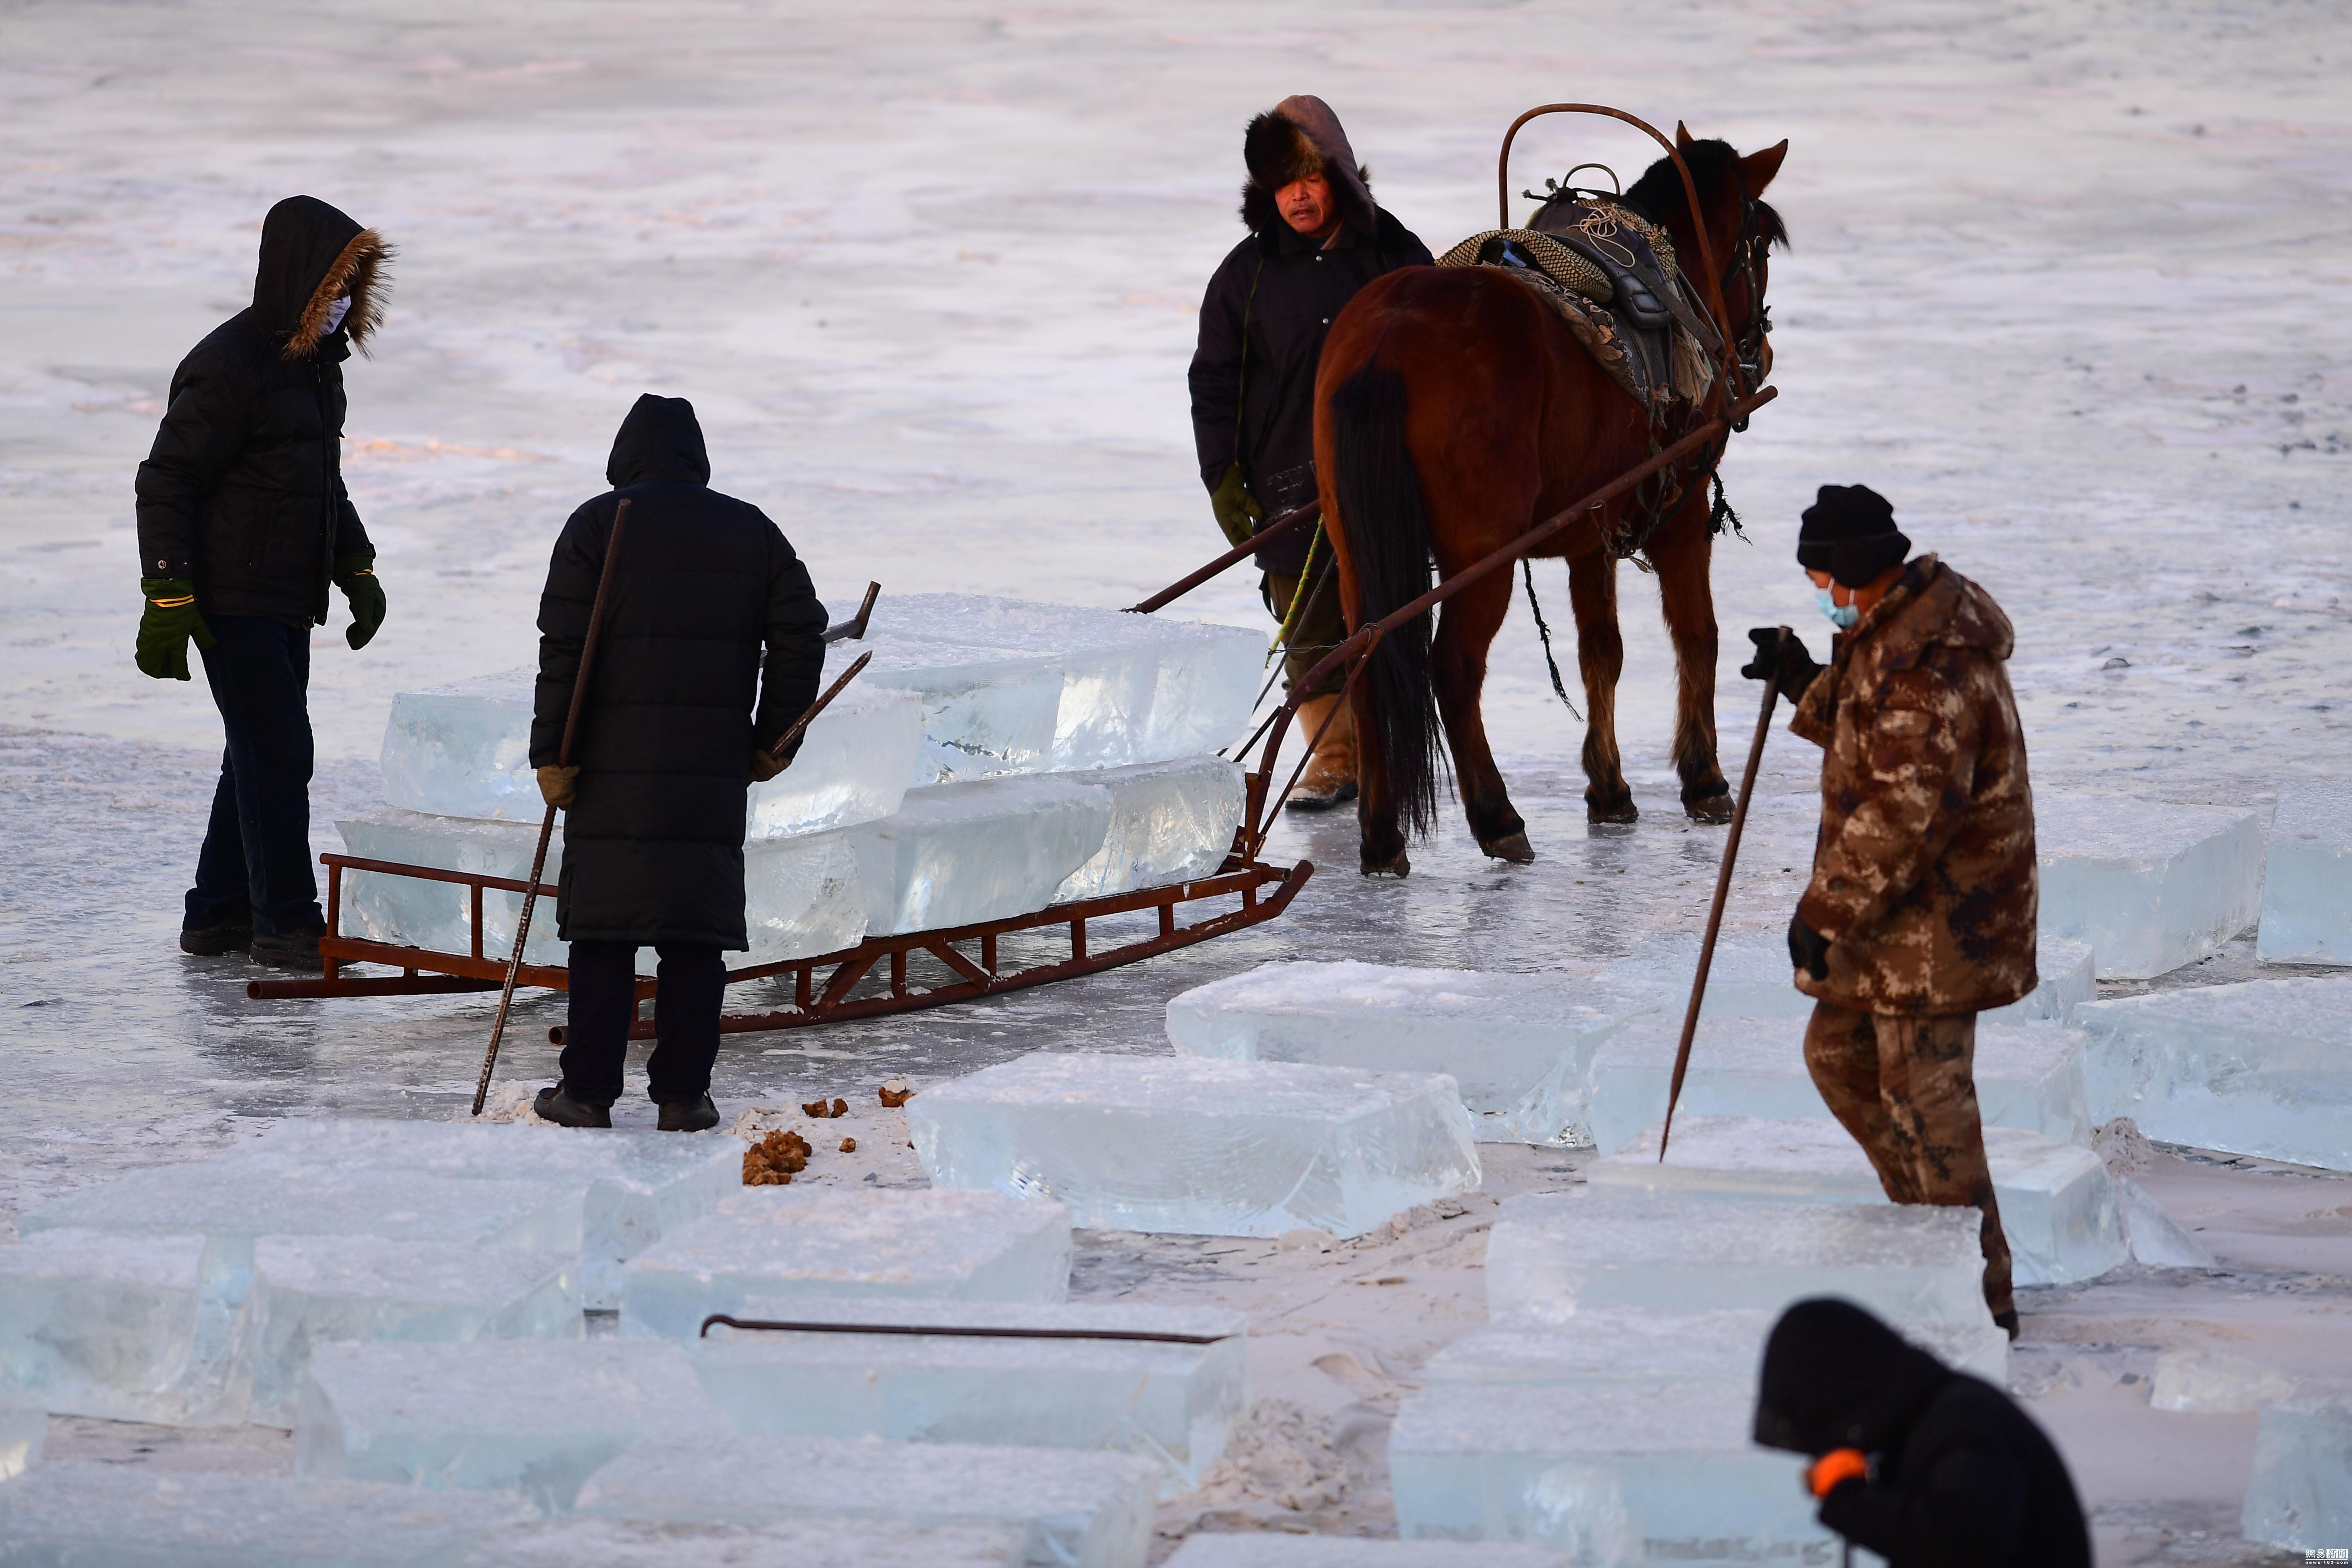 零下20度!图揭采冰人湖面采冰现场 - 周公乐 - xinhua8848 的博客